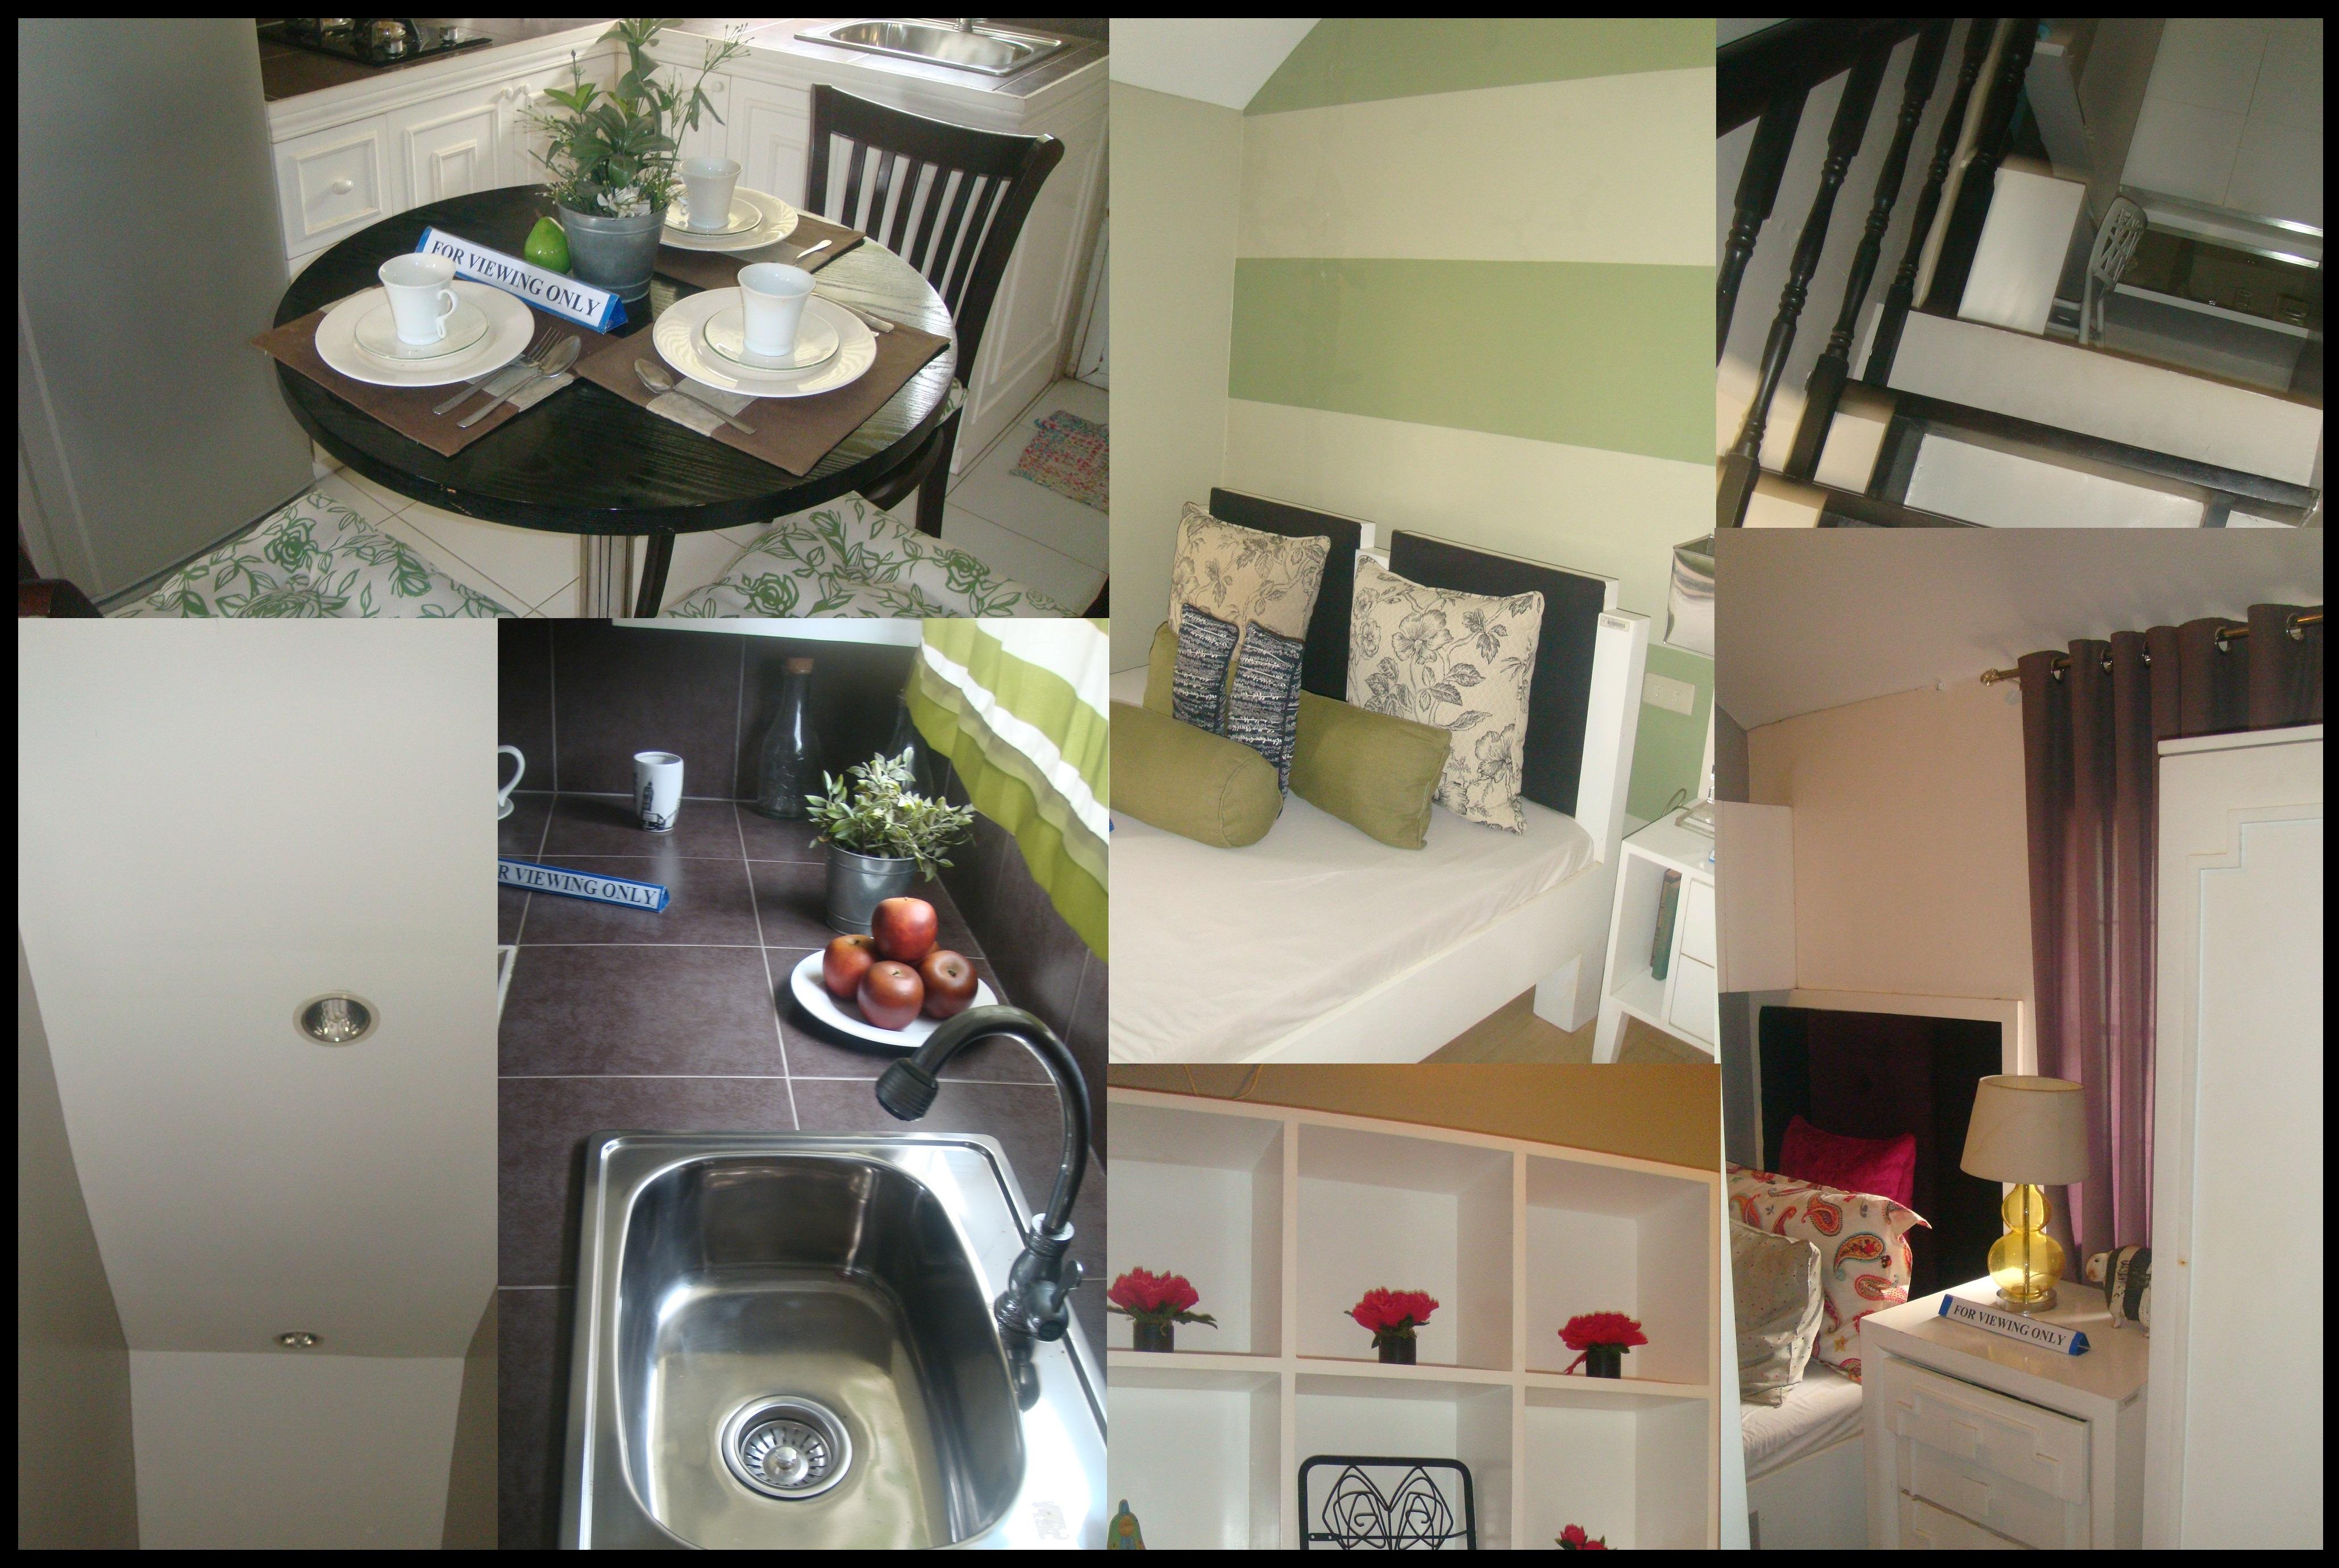 model_house_interiors.jpg